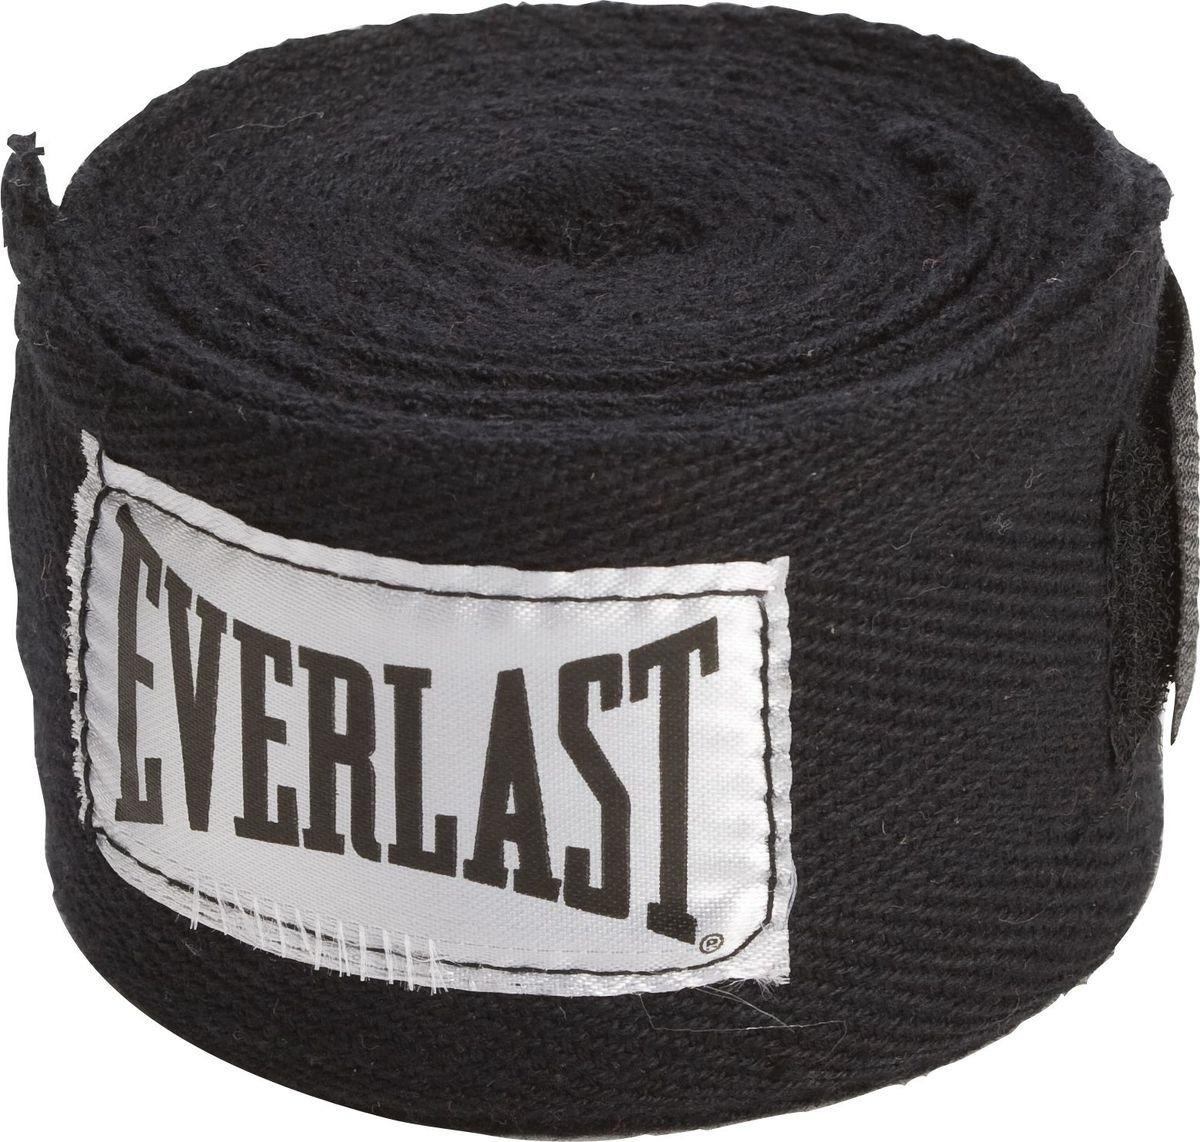 Боксерский бинт Everlast, 4466BK, черный, 3,5 м